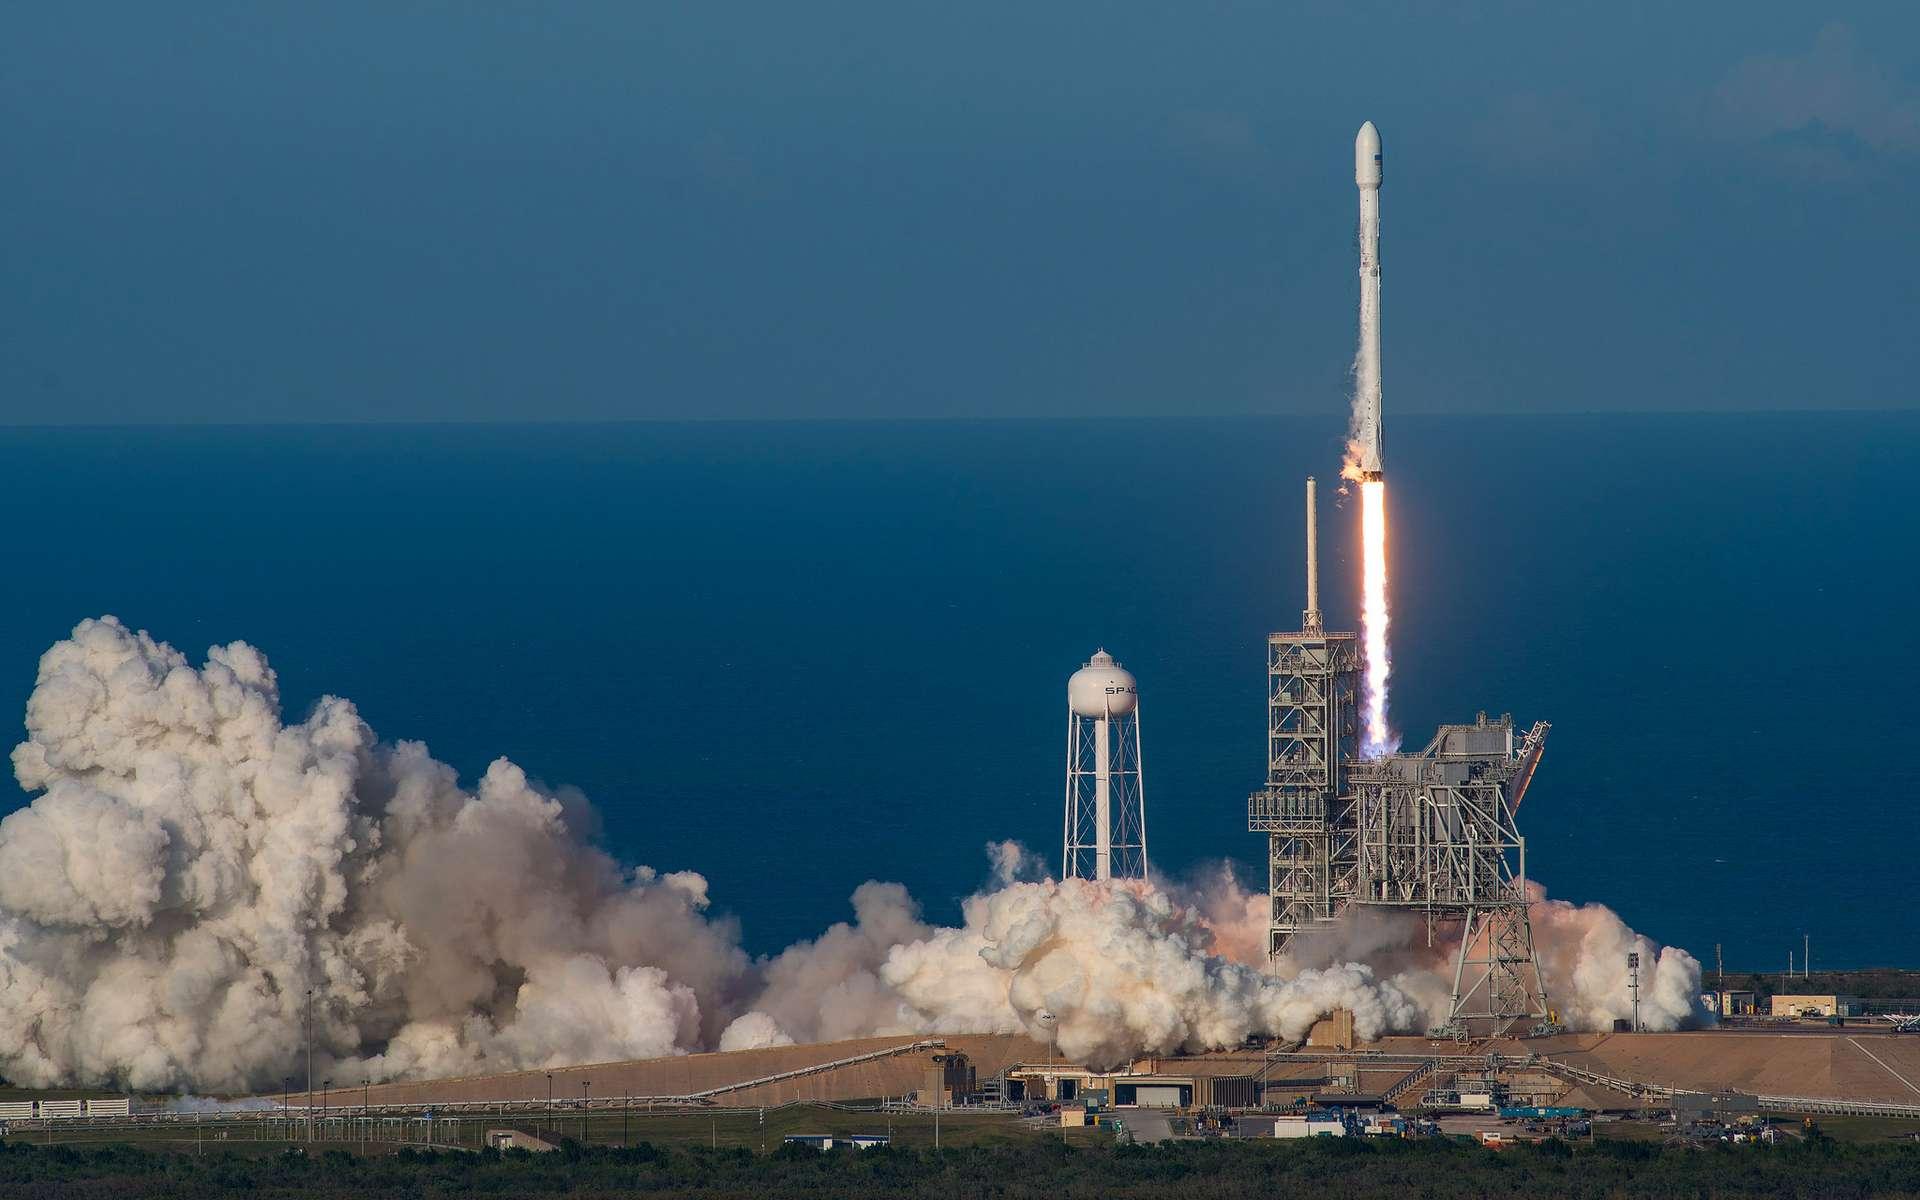 Décollage du lanceur Falcon 9 réutilisé avec à son bord le satellite de télécommunication SES-10. © SpaceX